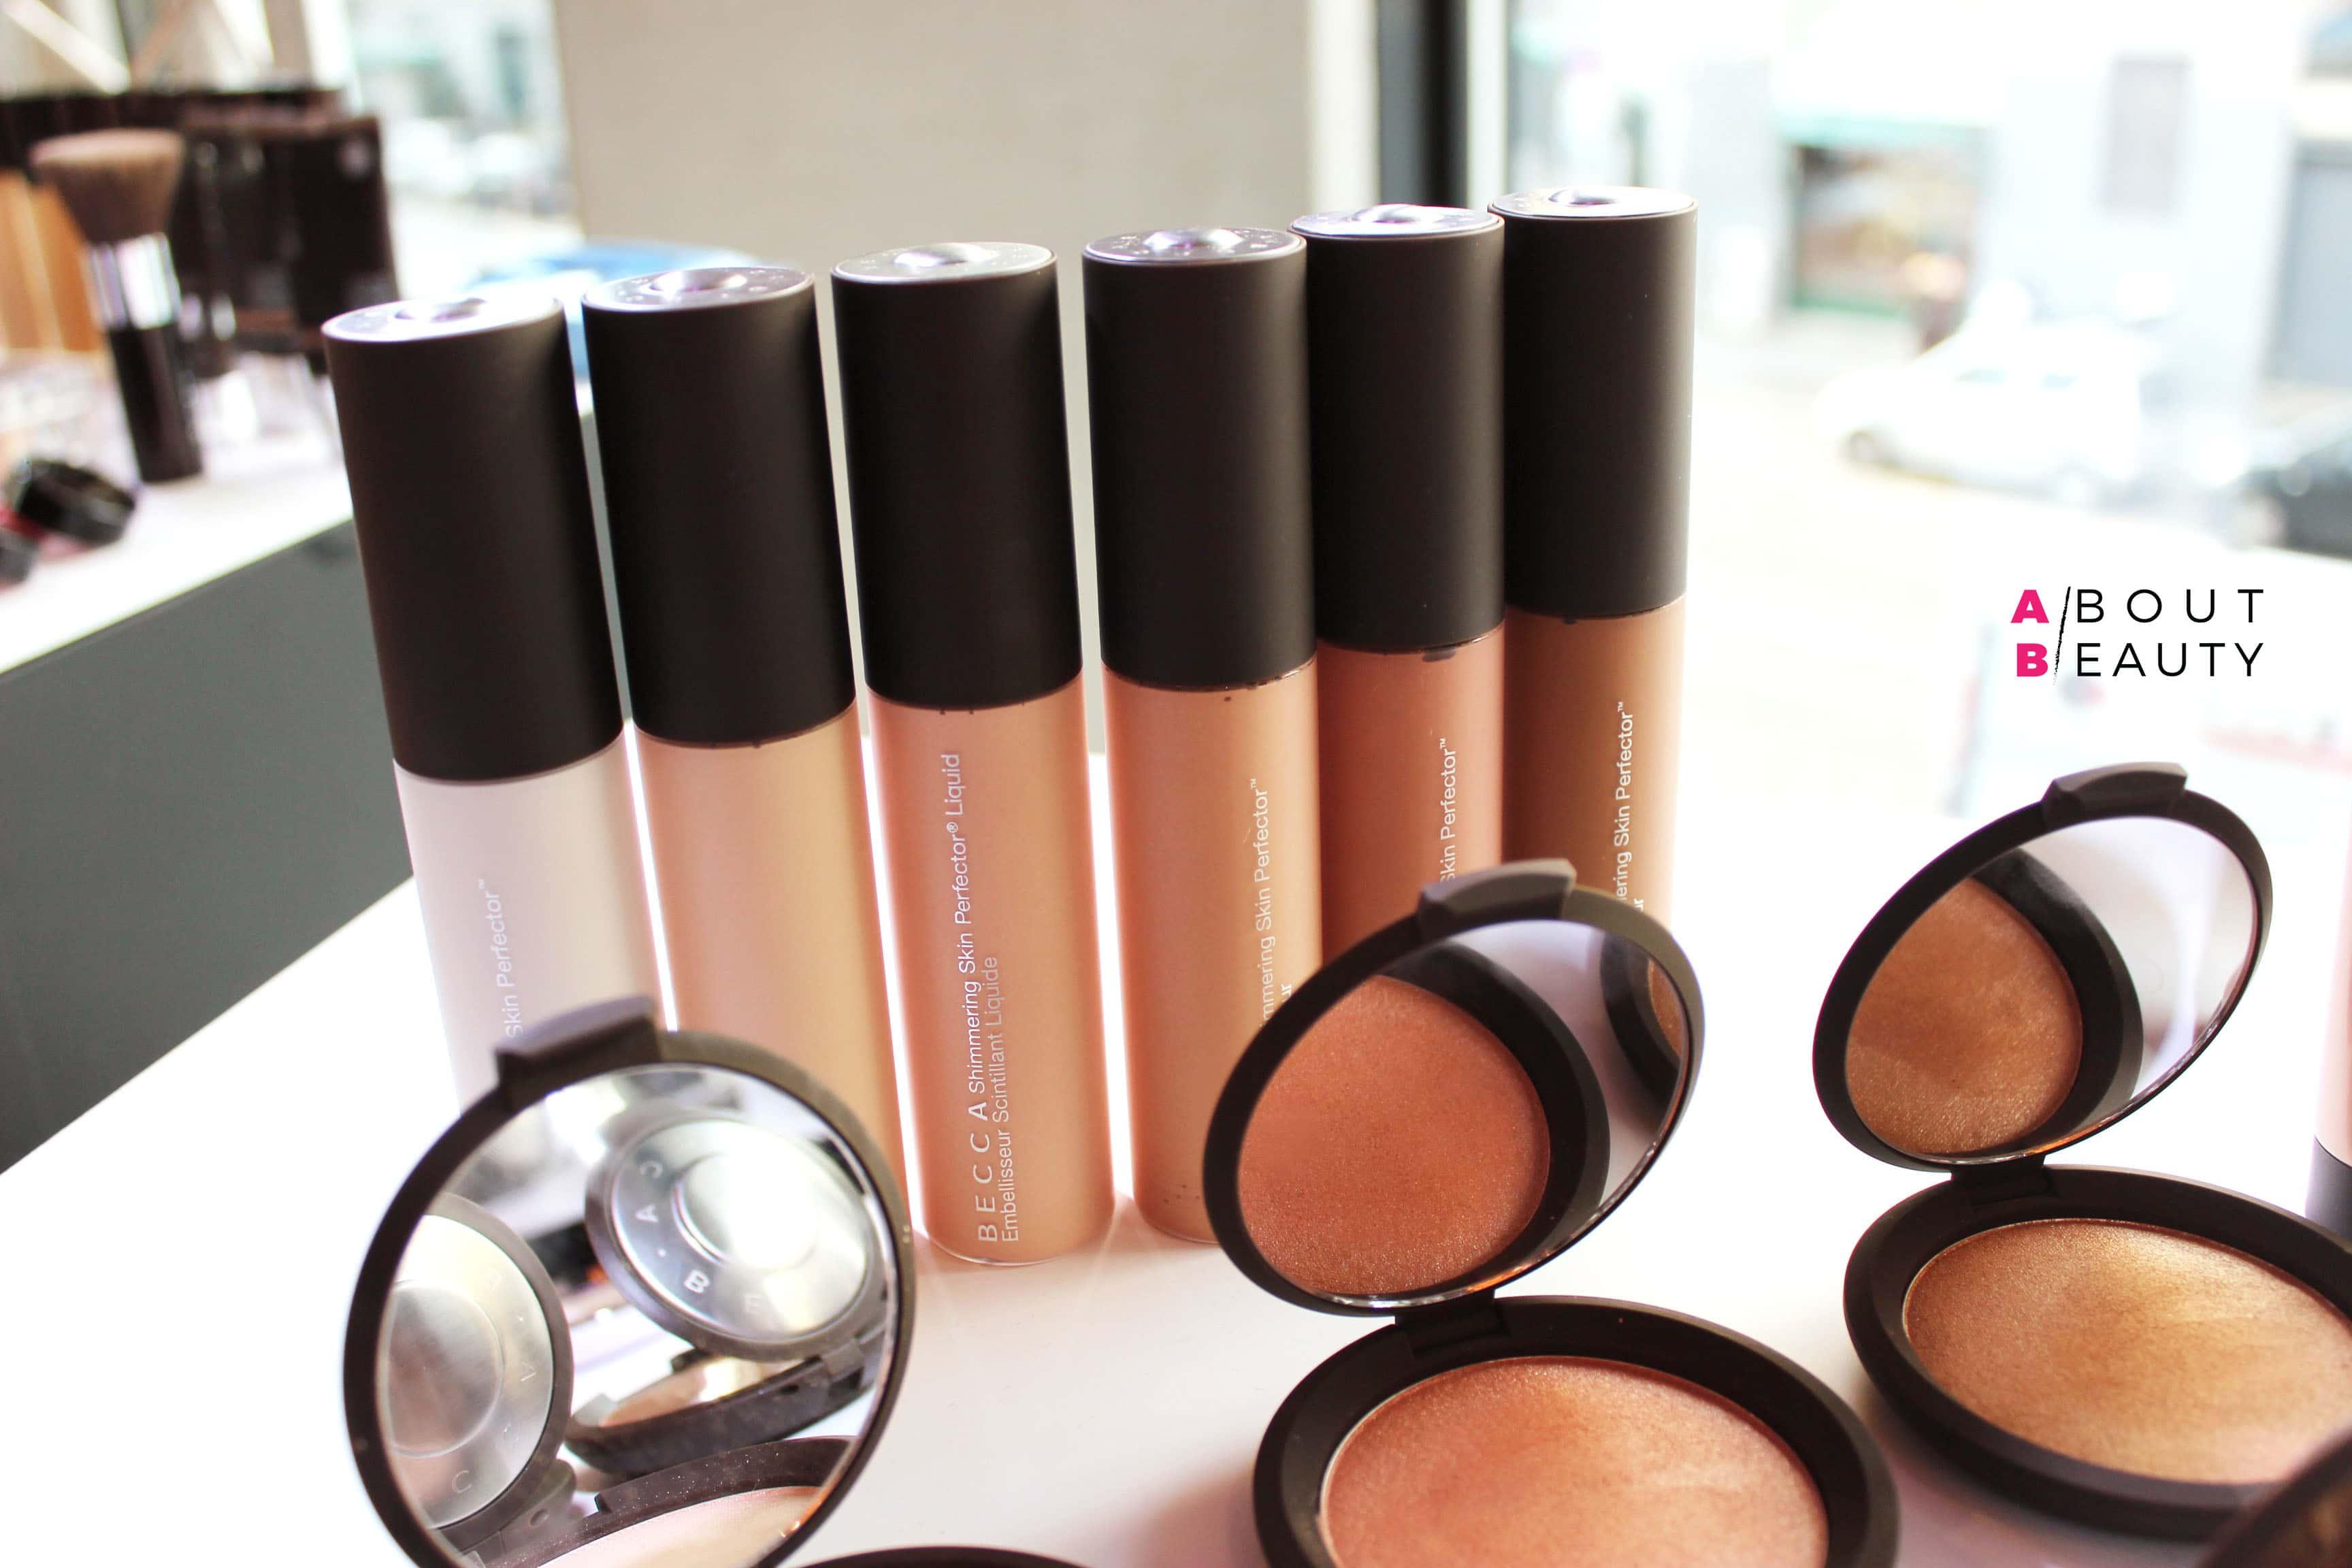 Becca Shimmering Skin Perfector Liquid: un liquido illuminante ideale per tutti i tipi di incarnato, disponibile in 6 tonalita